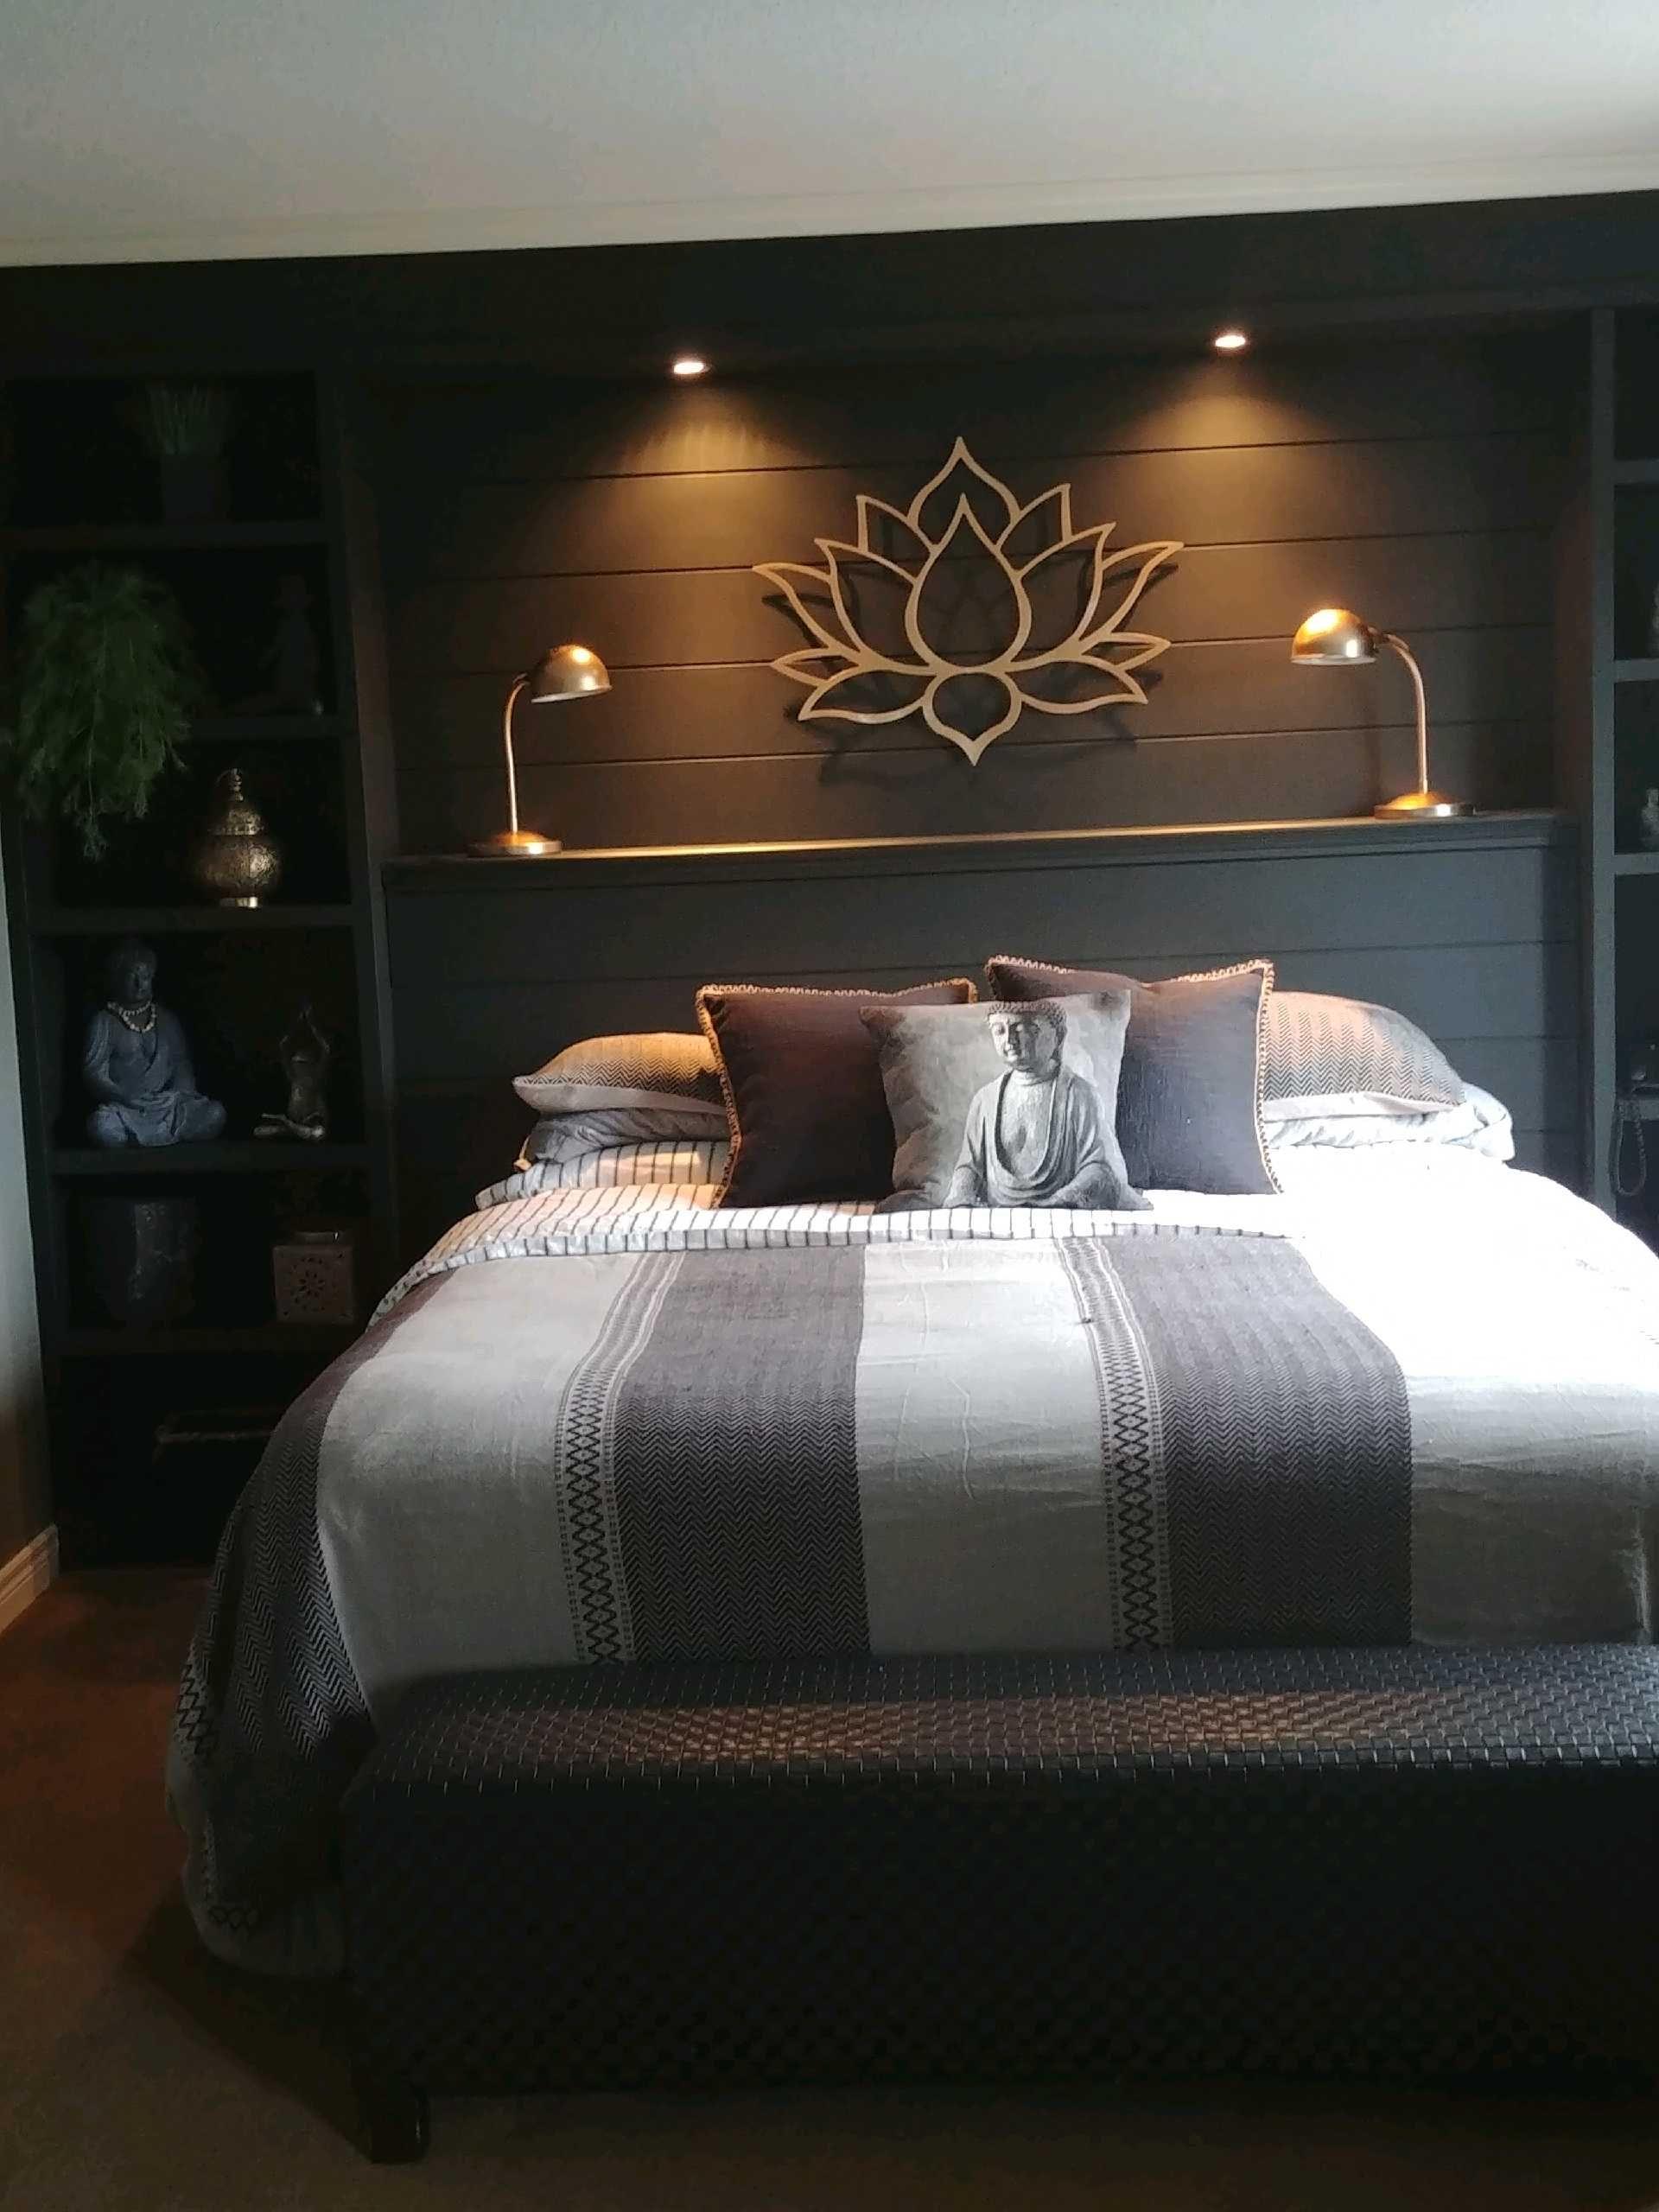 Zen bedroom in 2020 Zen bedroom, Home decor, Home